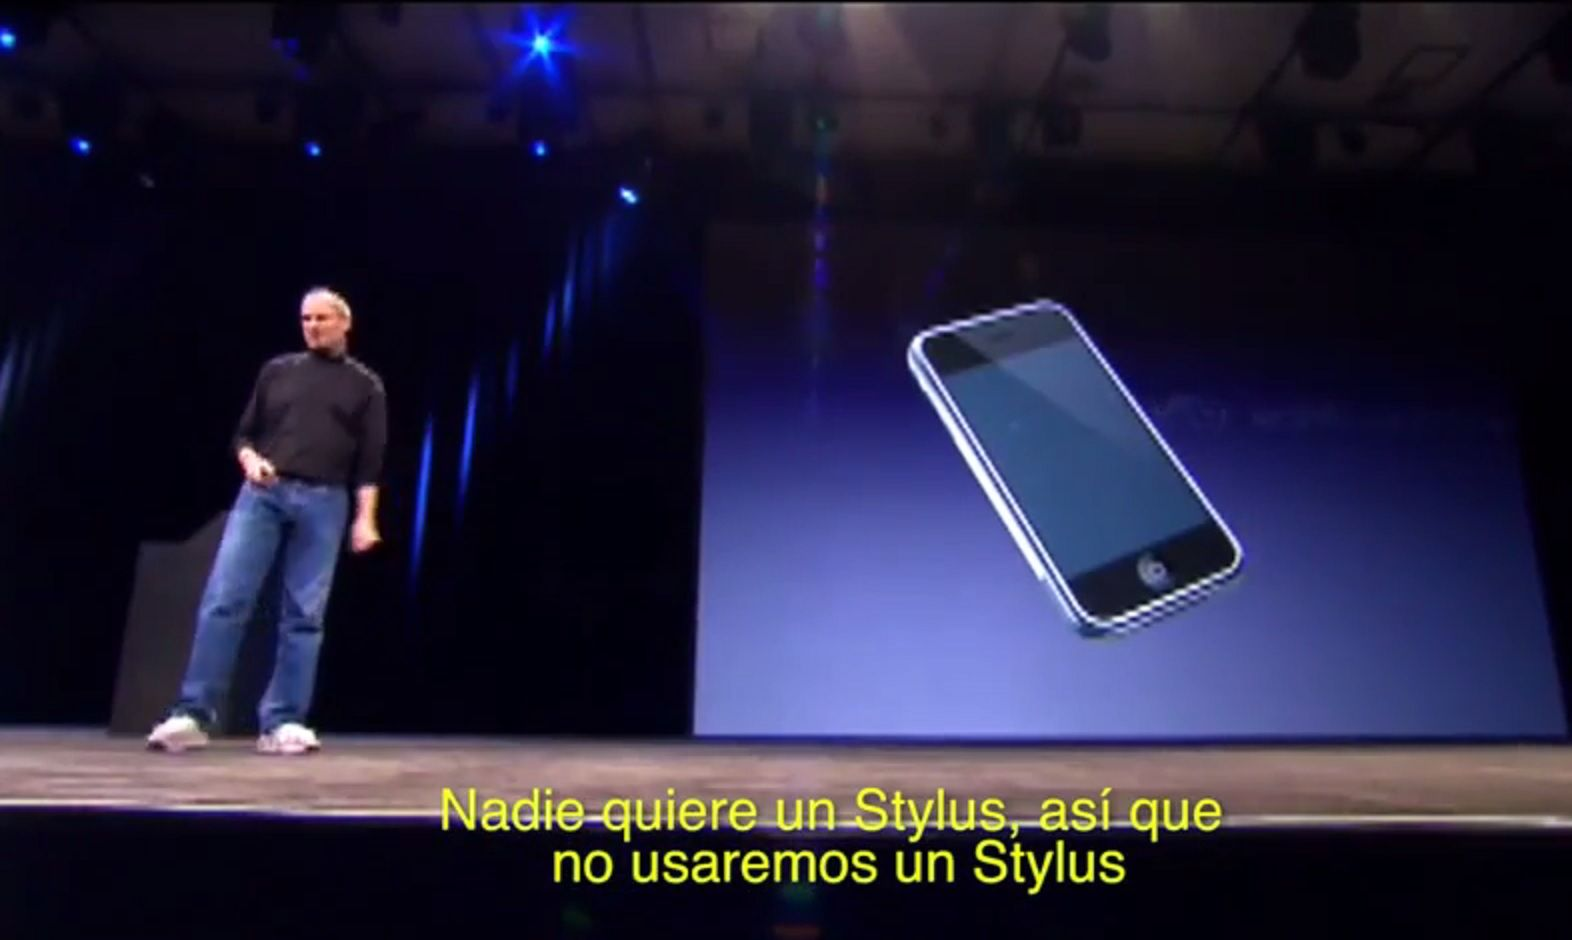 VIDEO: El iPad Pro tendrá un stylus: así hablaba Steve Jobs del tema en 2007